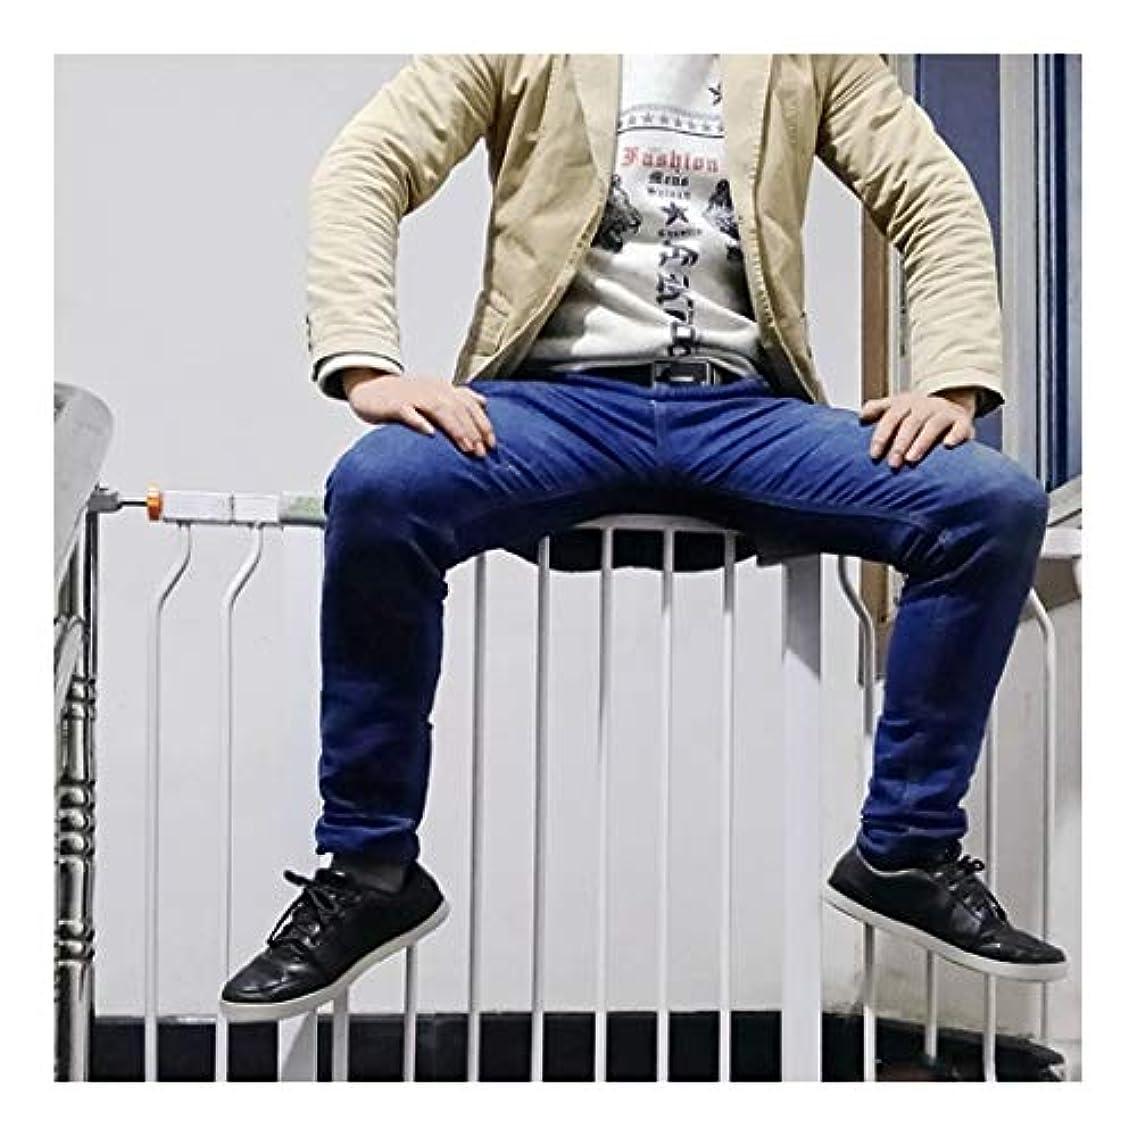 同種のラボのスコアベビーゲート 暖炉階段ガードレール用オートクローズデュアルロックエクストラワイド赤ちゃんペットの安全ゲイツとの双方向スイッチと圧力マウントフェンス (Color : High78 width, Size : 83-90cm)